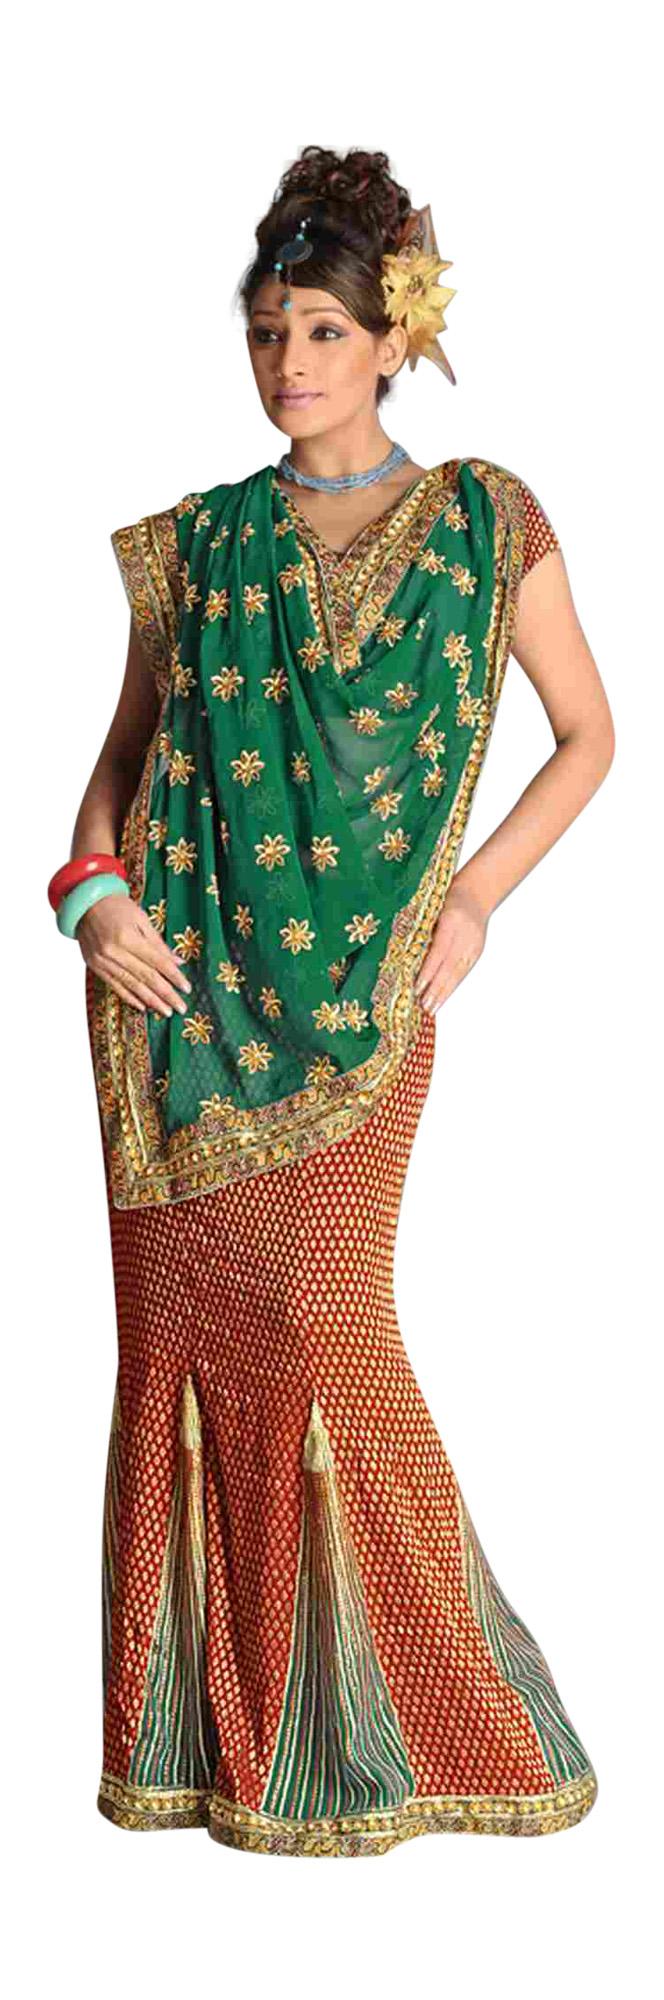 Arkita Trend Setter Lehenga Choli Style Georgette Sari  Saree